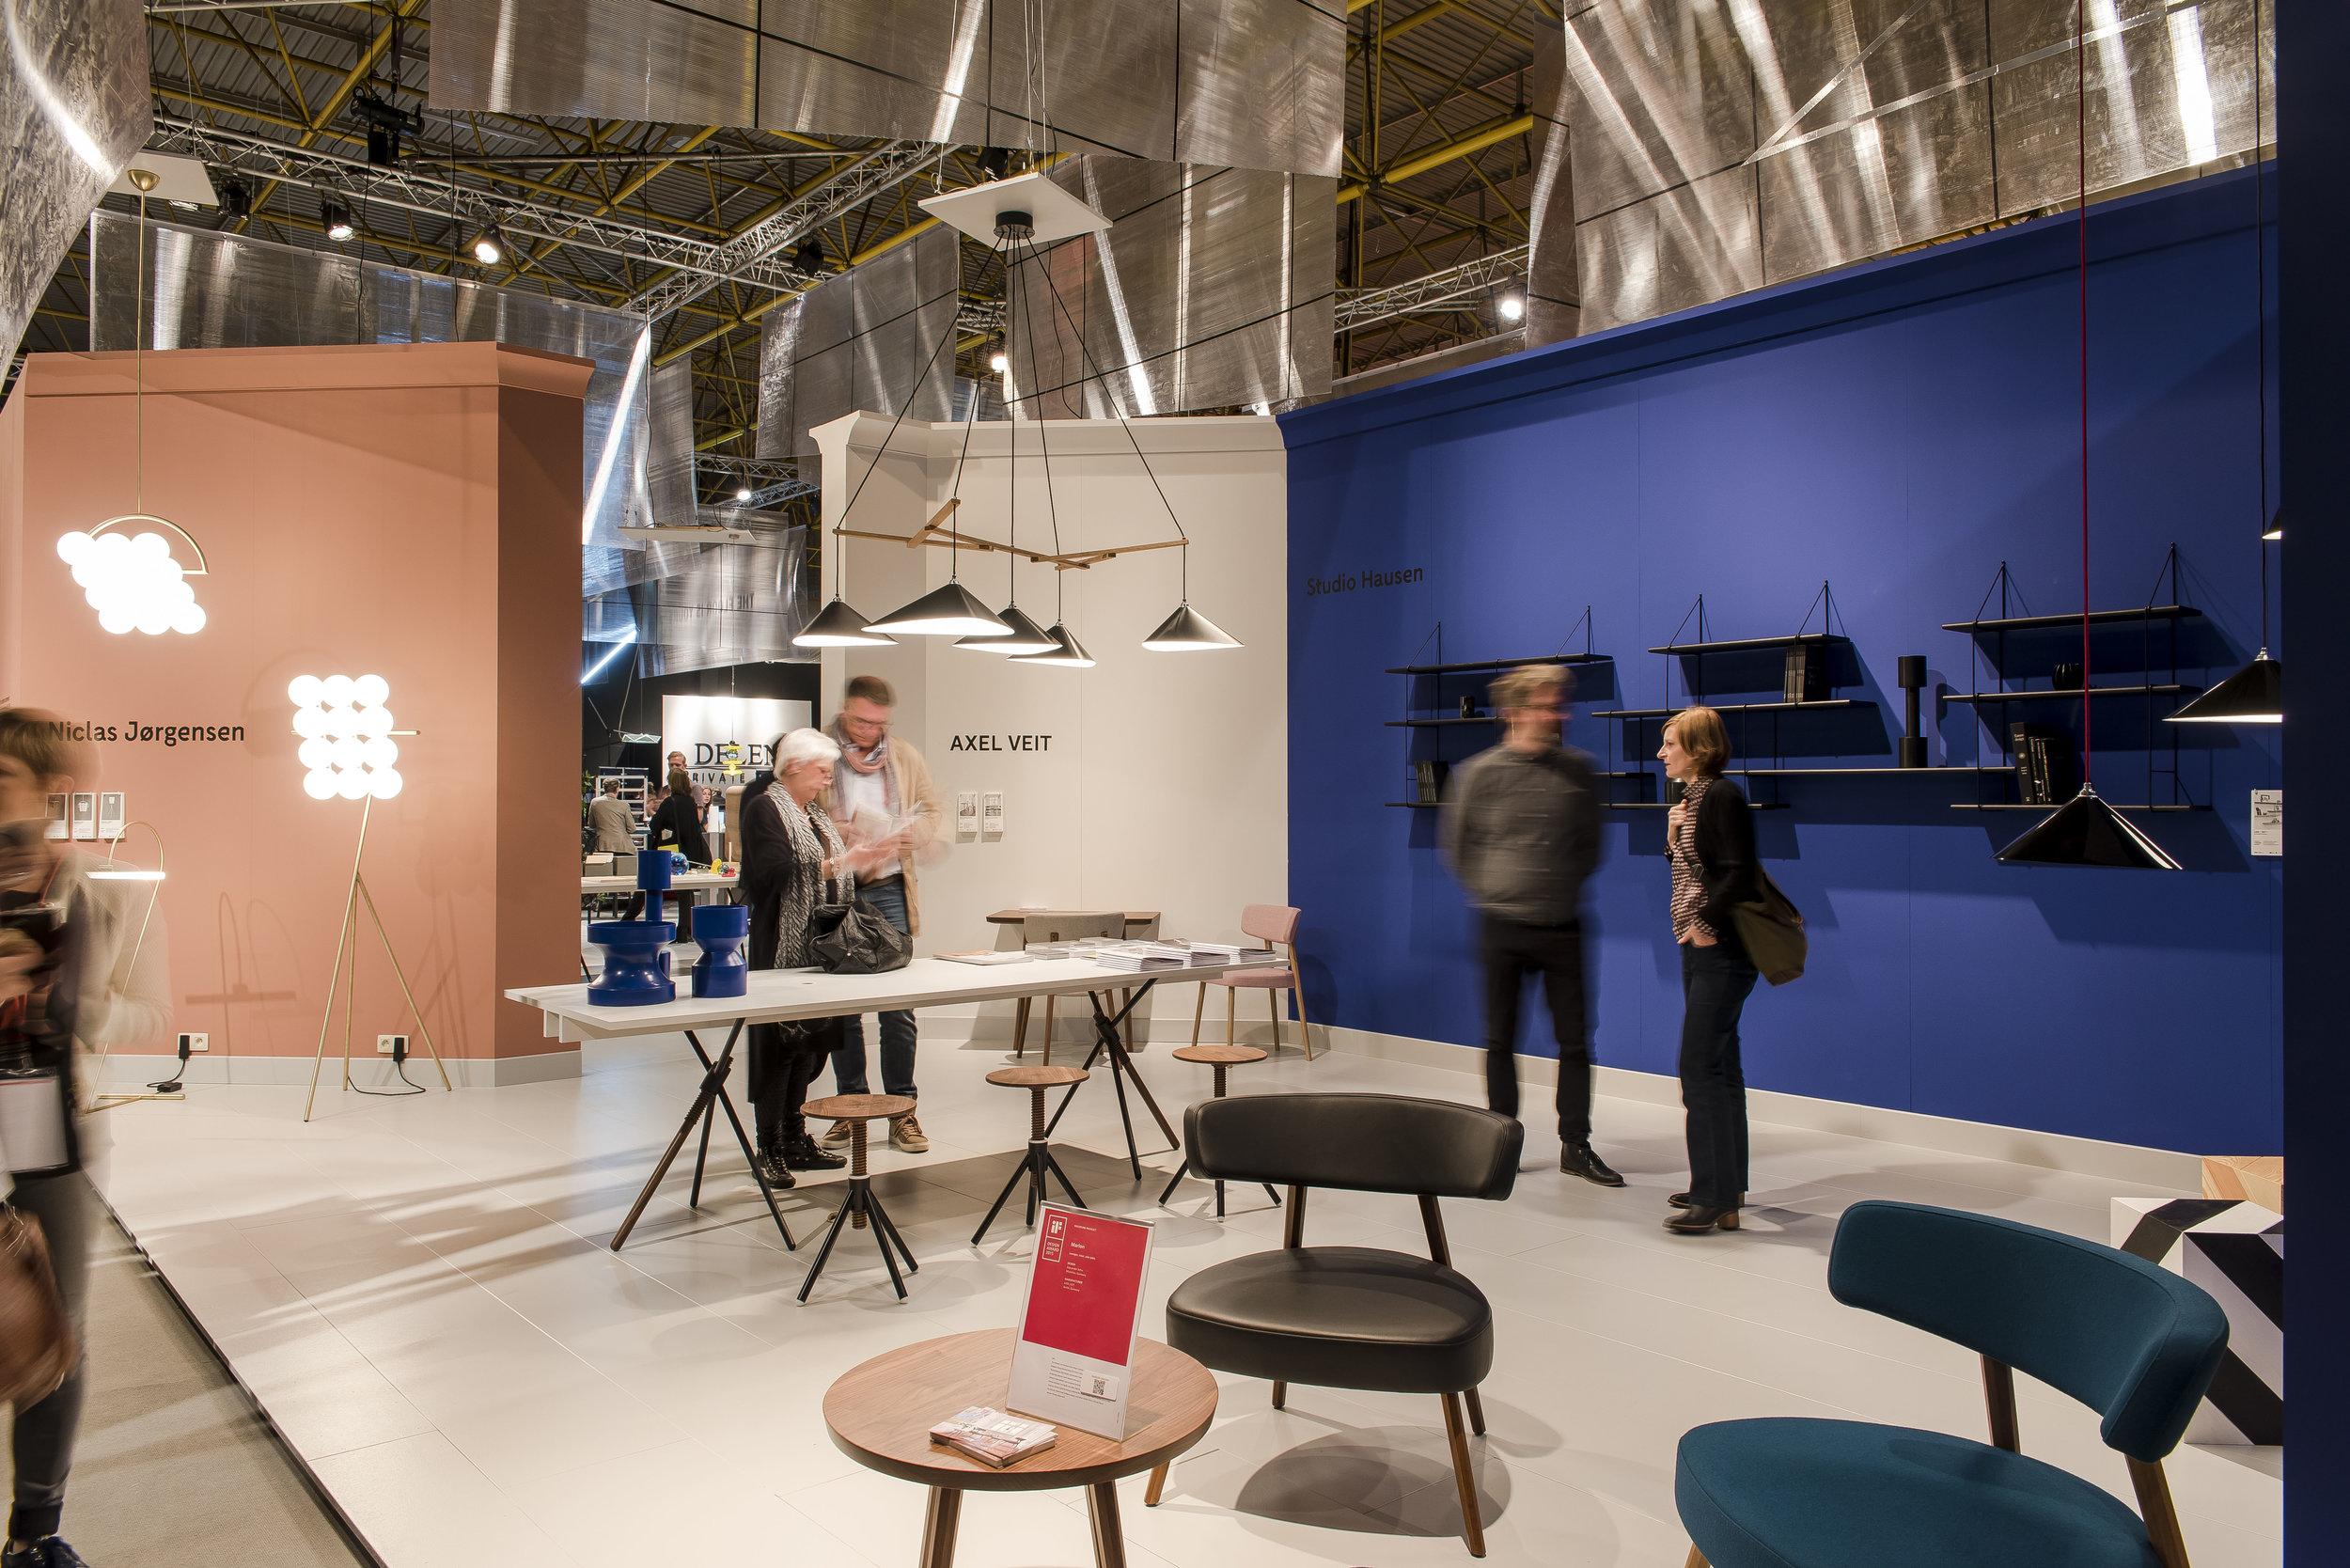 berlin-design-selection-kortrijk_tradefair-exhibition-design_coordination-berlin_12.jpg